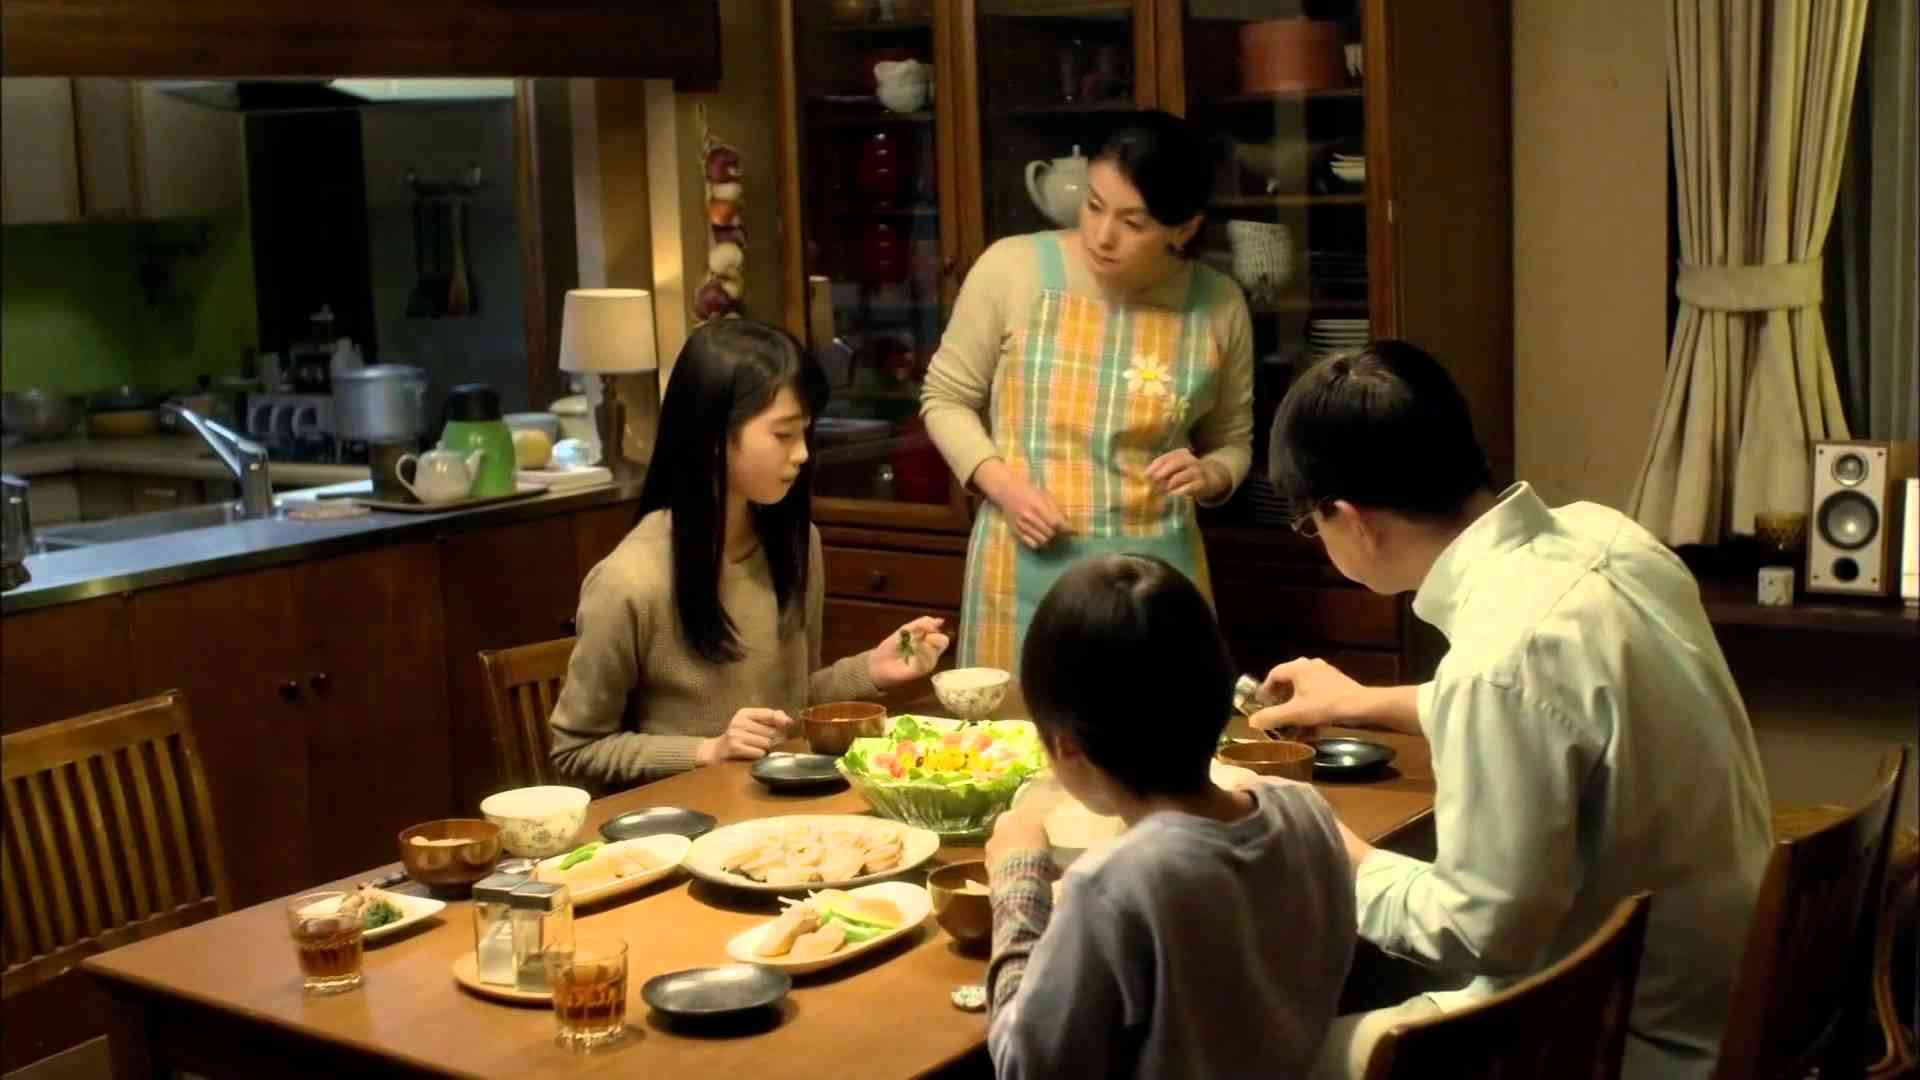 CM動画 コープ 想いをかたちに「おばあちゃん家」高橋ひかる - YouTube